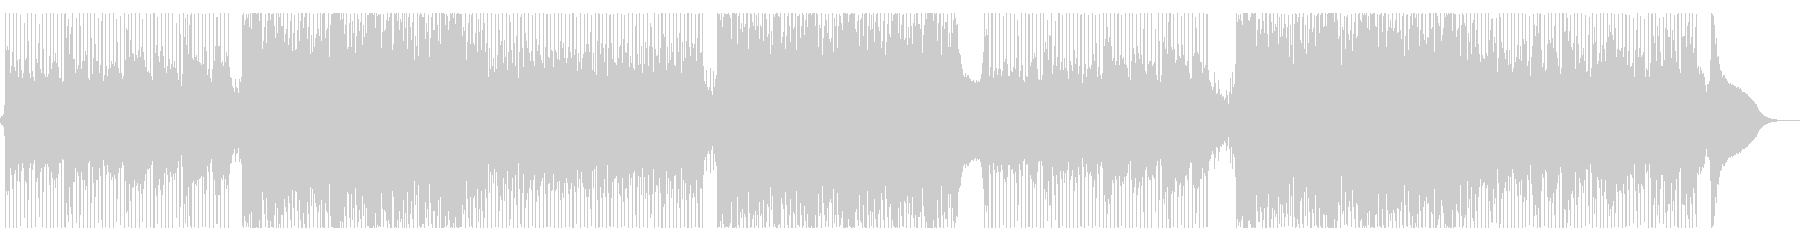 チャントの声がエモいコーポレート系の未再生の波形